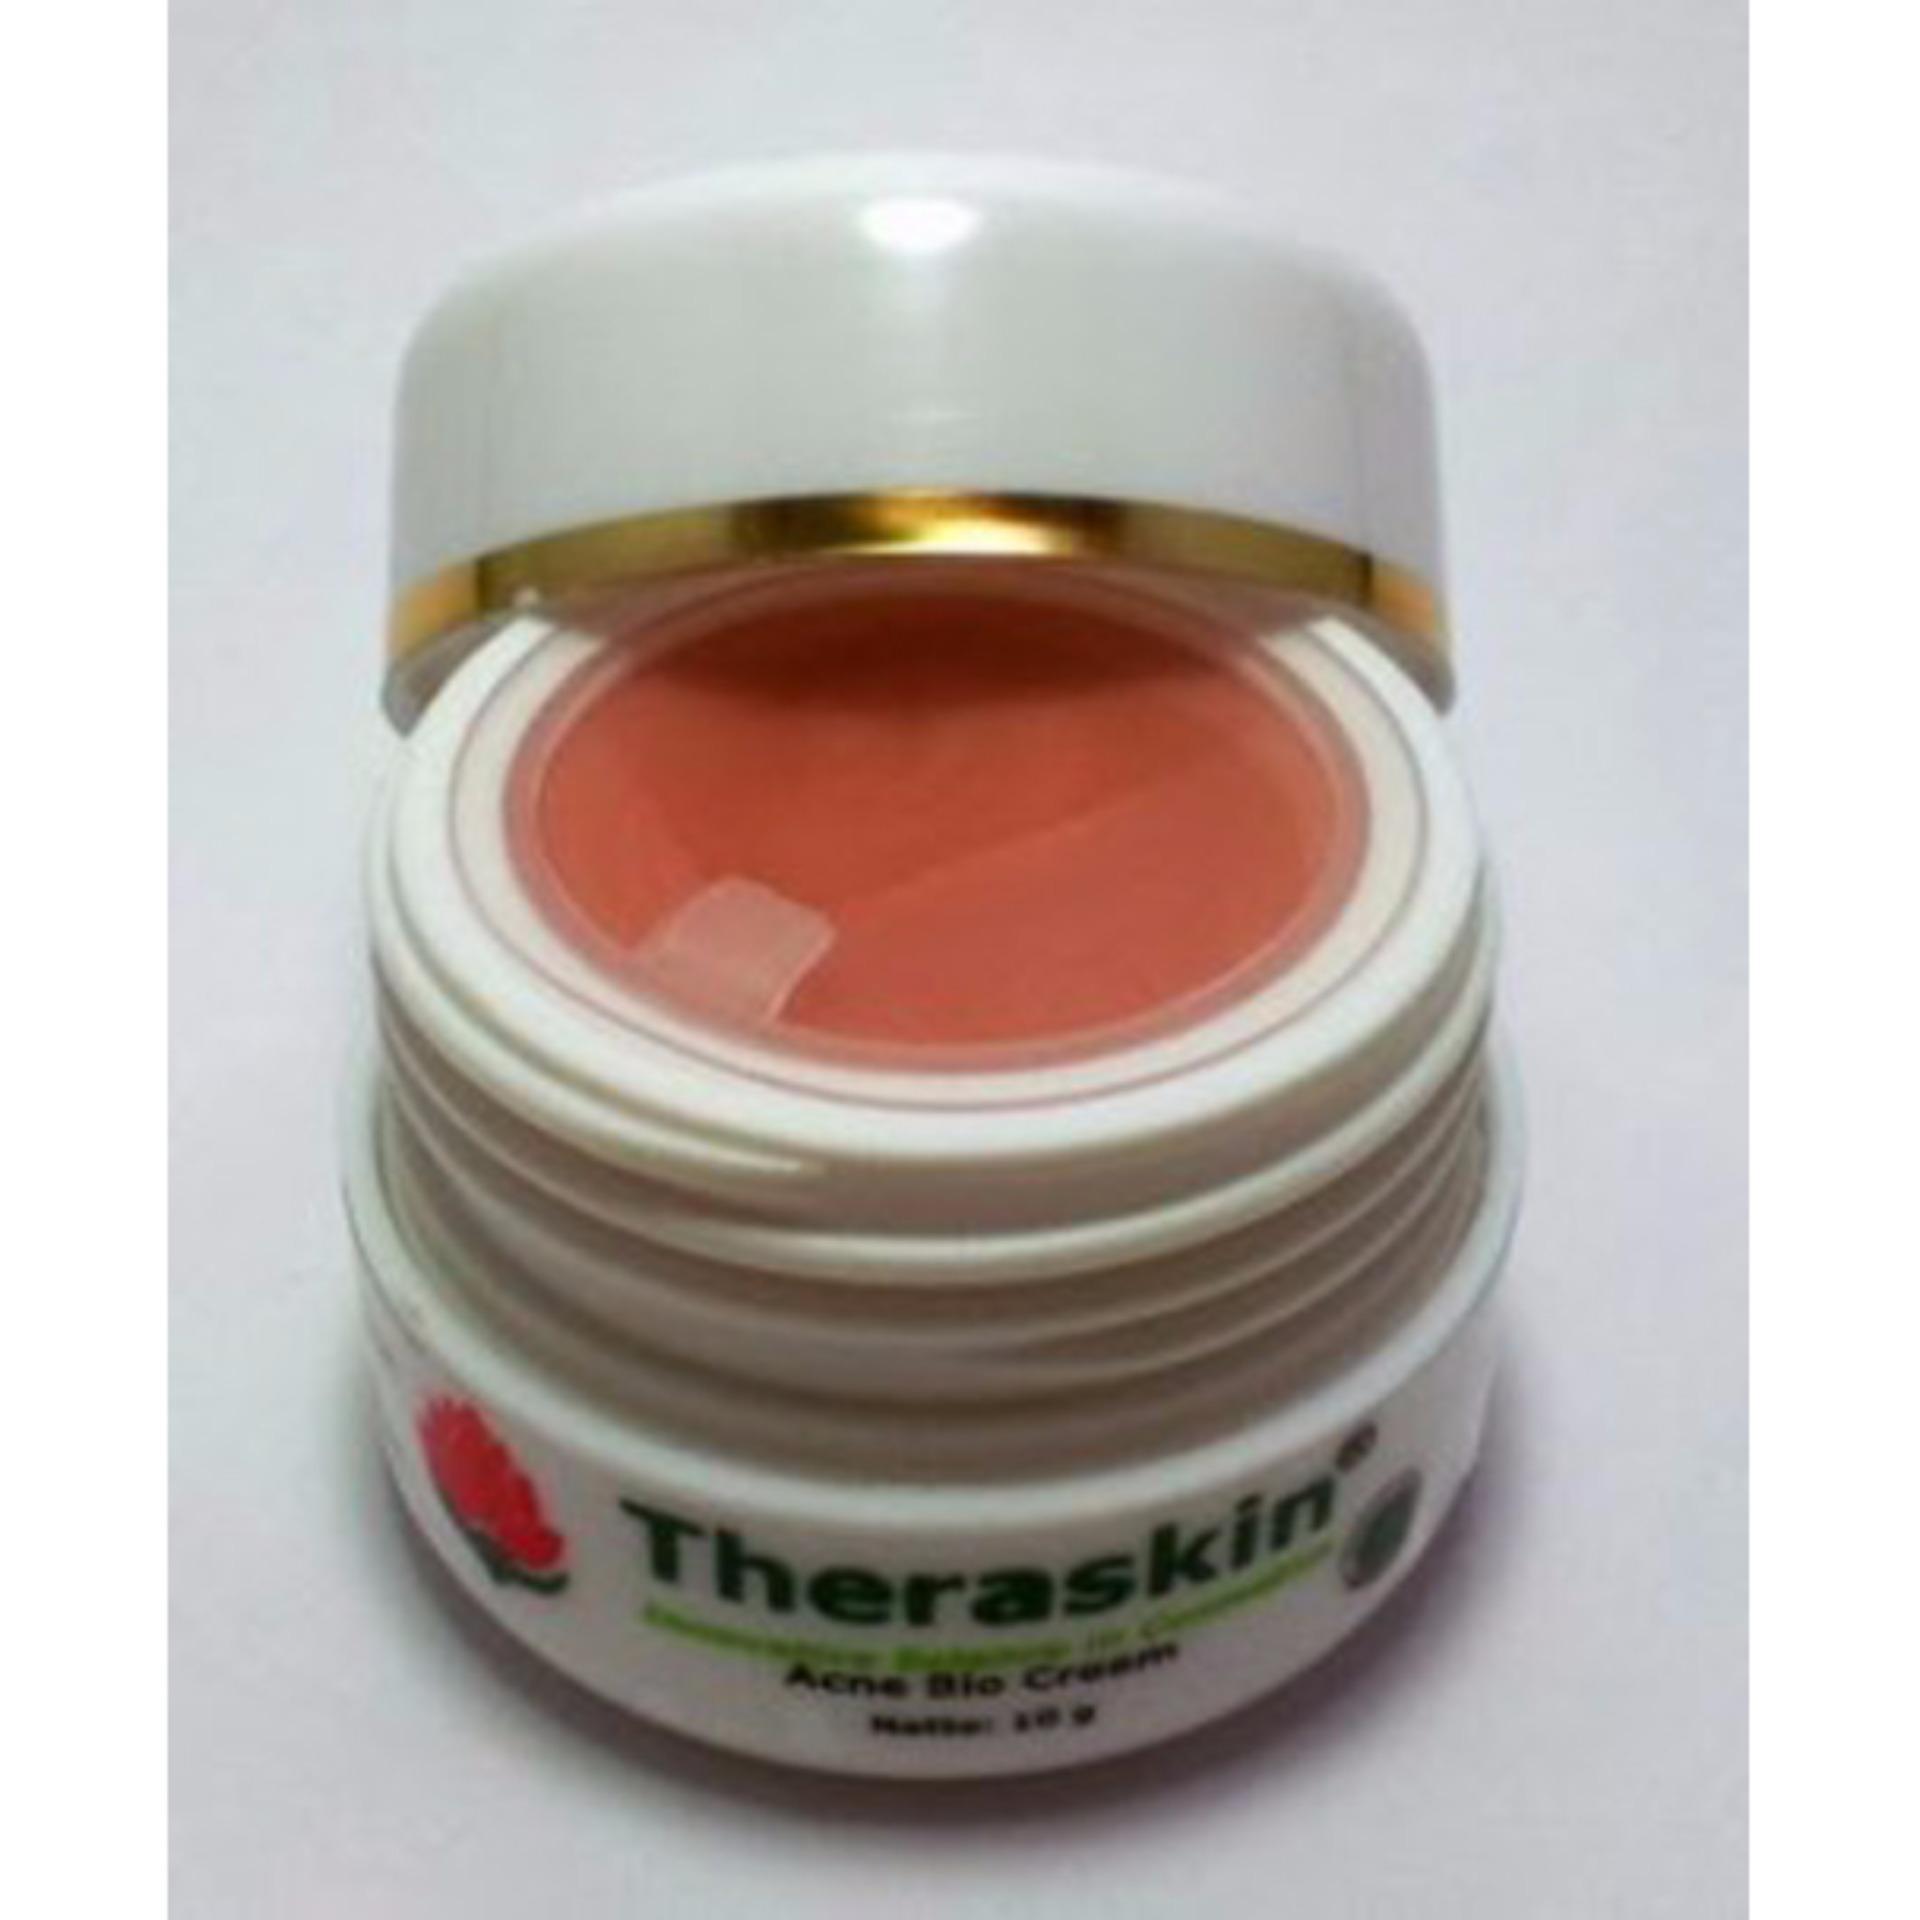 Paket Theraskin Acne 4in1 Original Pemutih Wajah 1 Daftar Oily Source Hot Deals